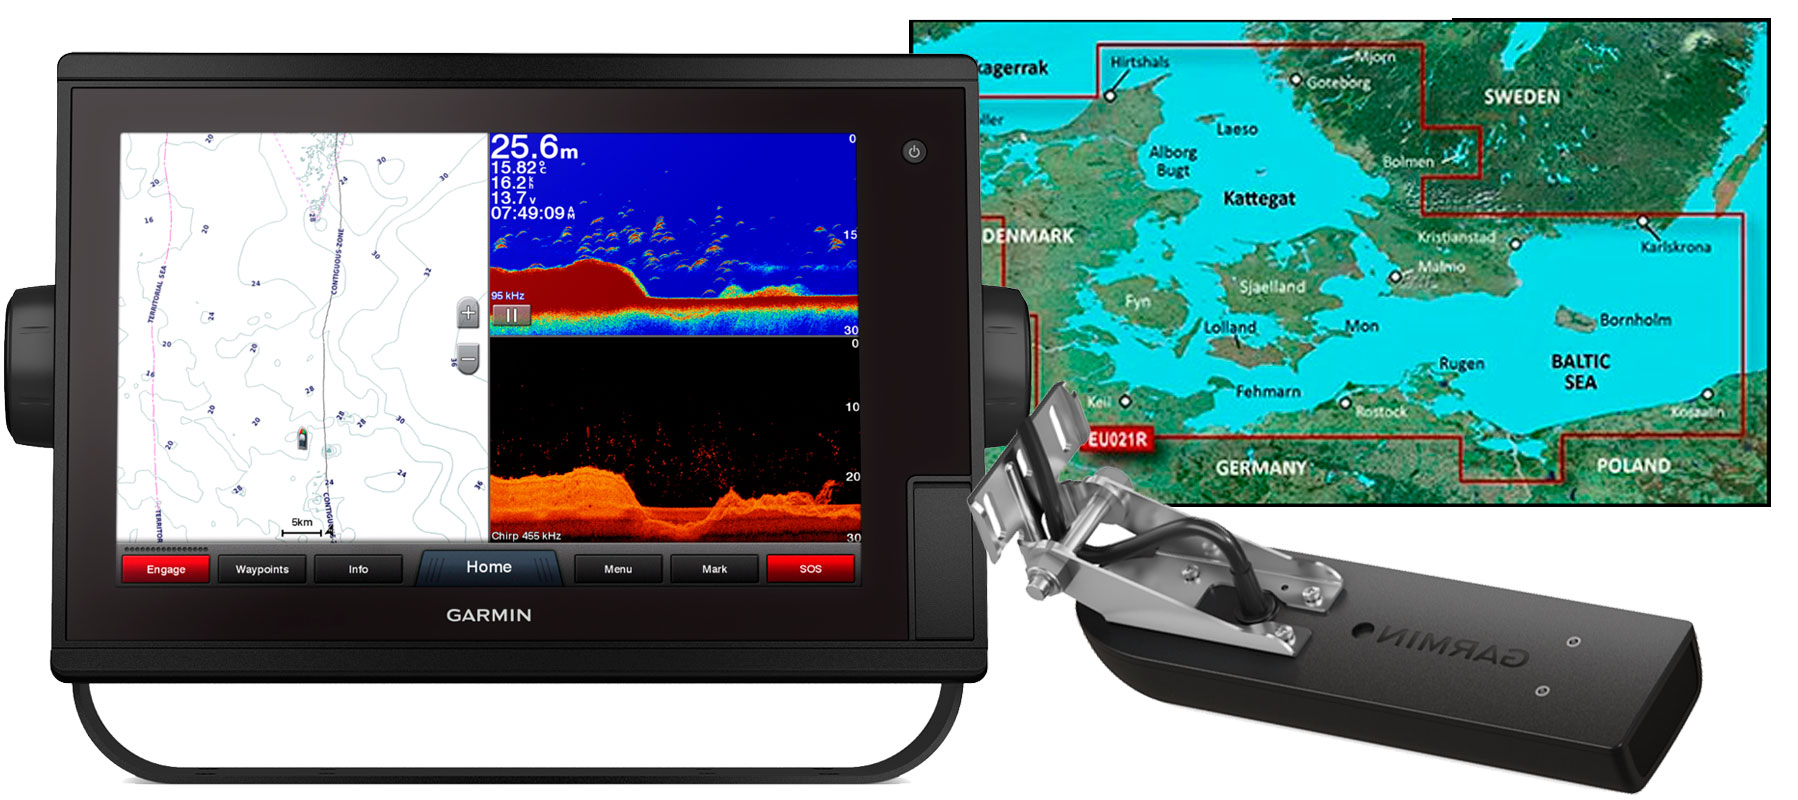 Garmin GPSmap 1222xsv Touch, hxe021r og GT51M-TM